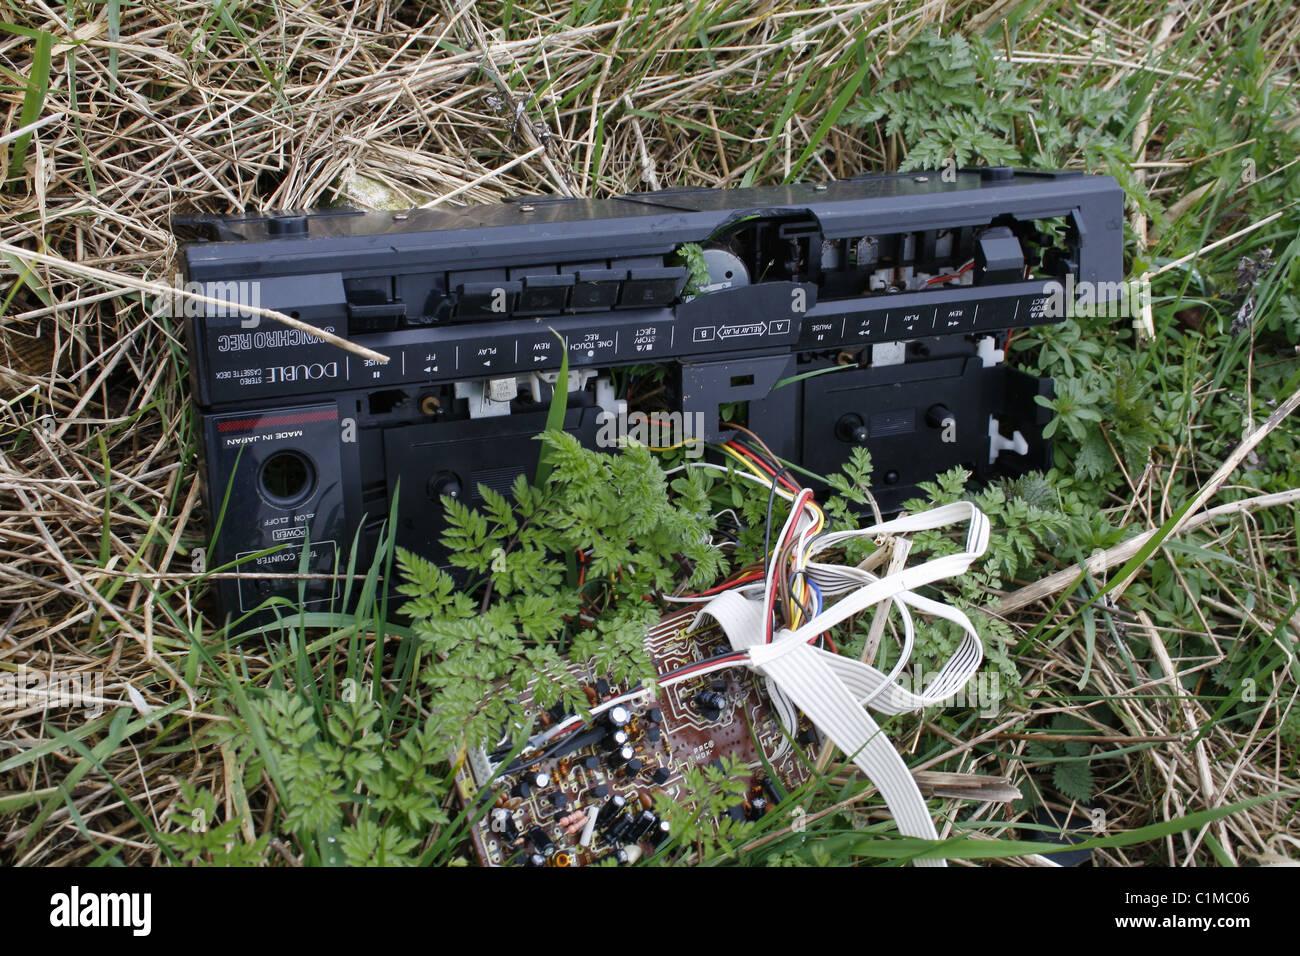 broken stereo cassette player - Stock Image